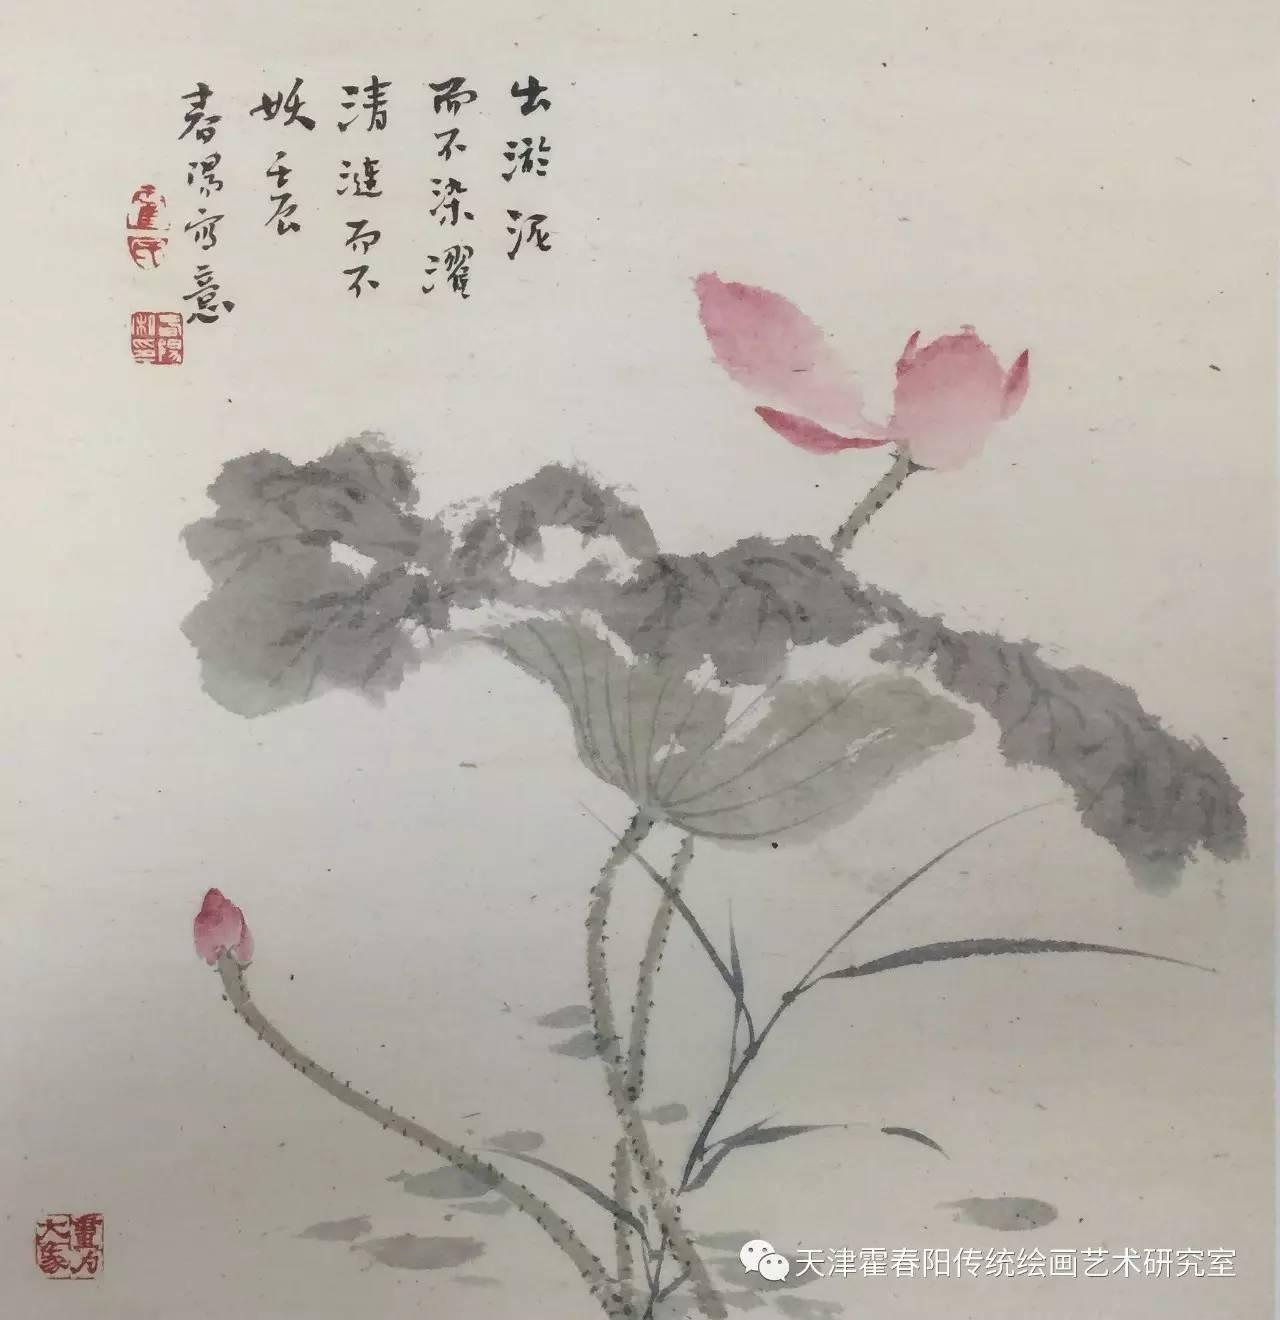 无尘霍九歌荷花v九歌(三)春阳电影迅雷下载图片